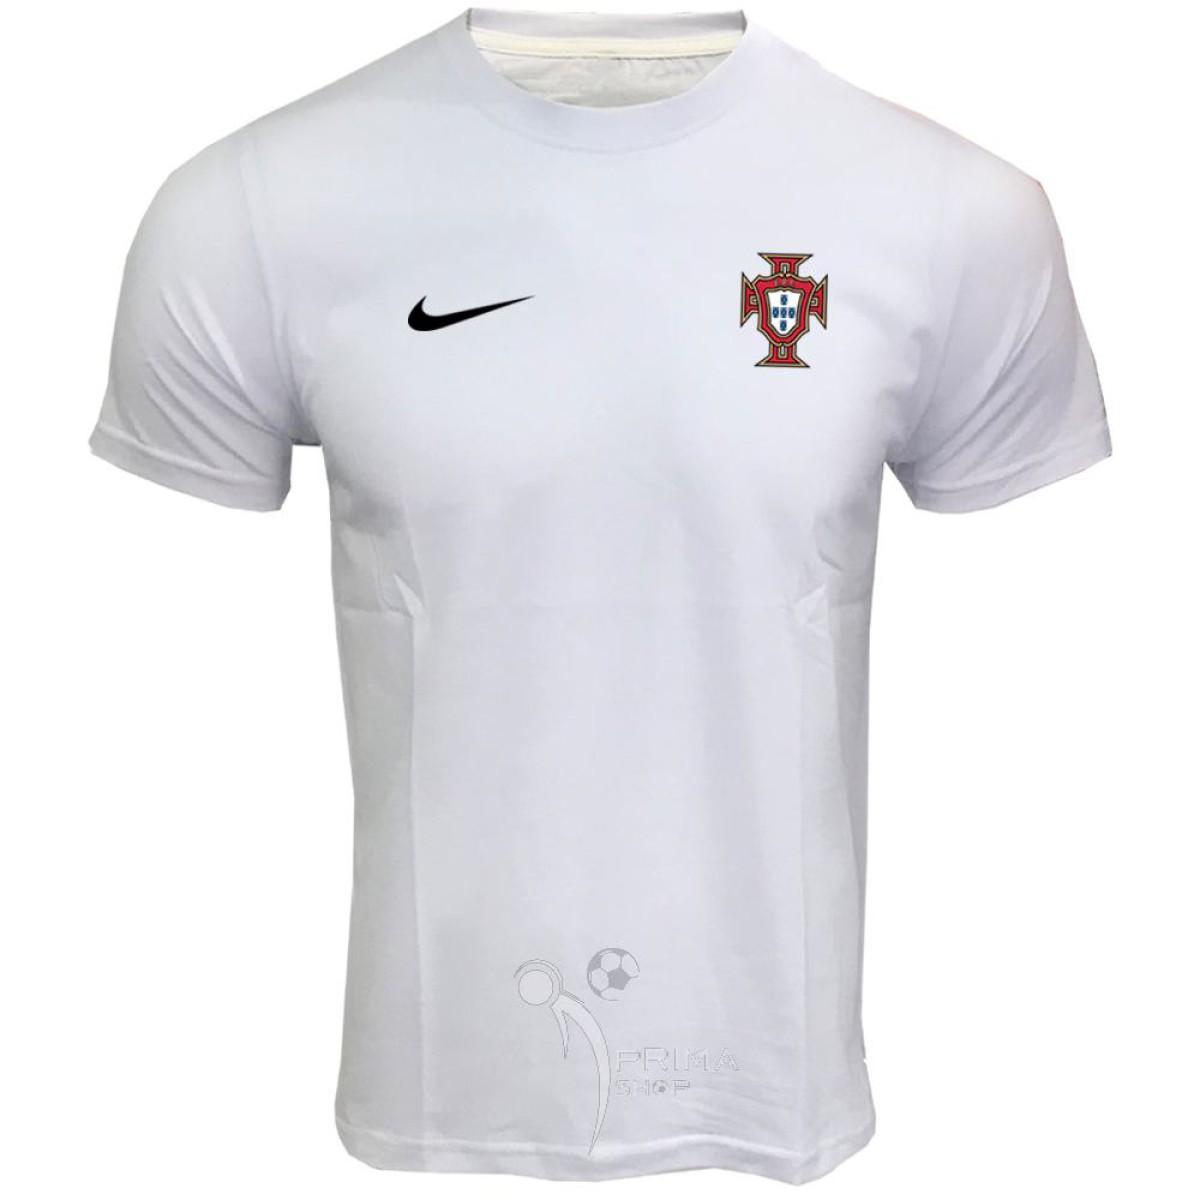 لباس هواداری پرتغال سفید آستین کوتاه